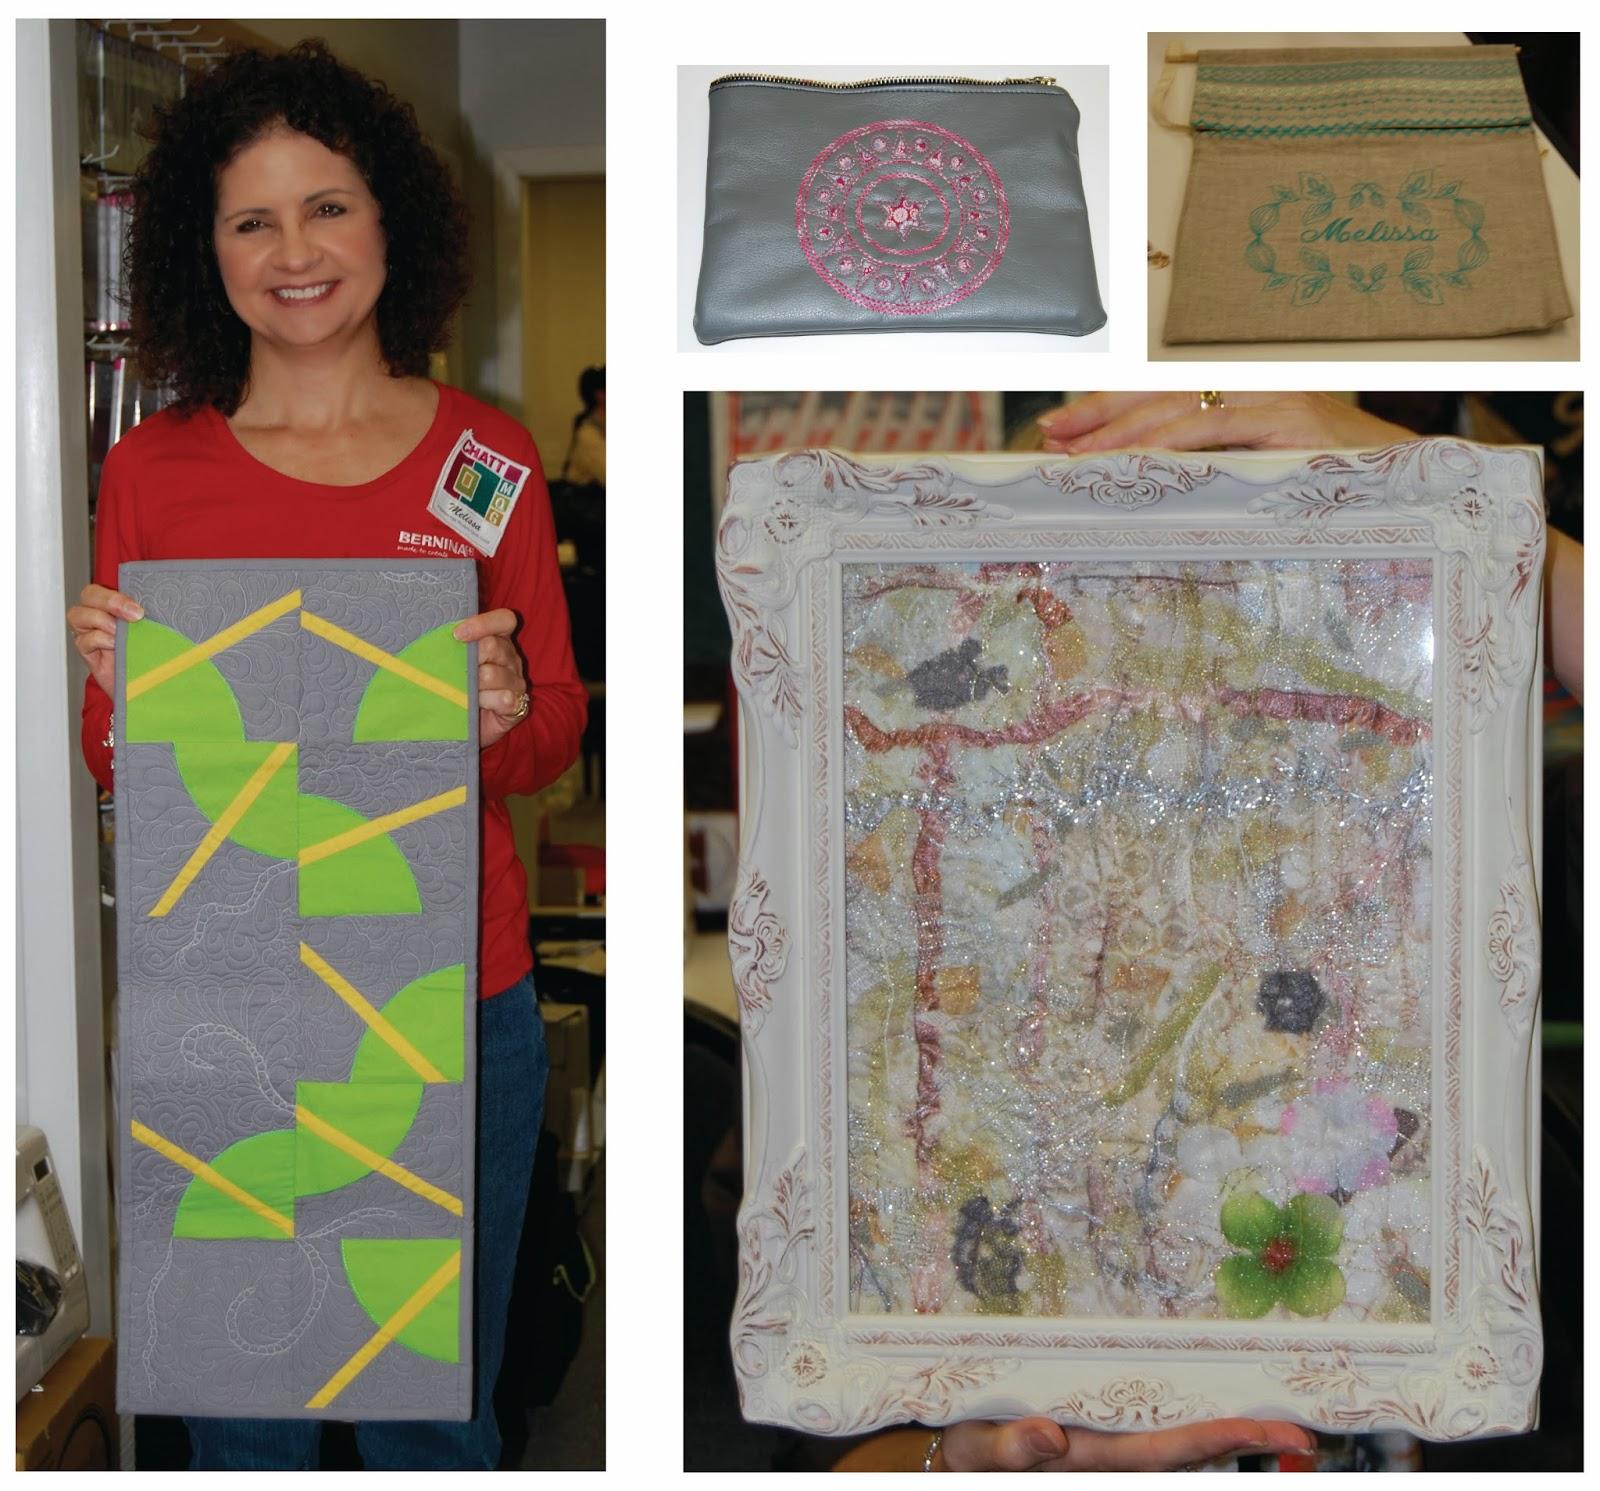 Melissa shared her experience at Bernina University 2013.